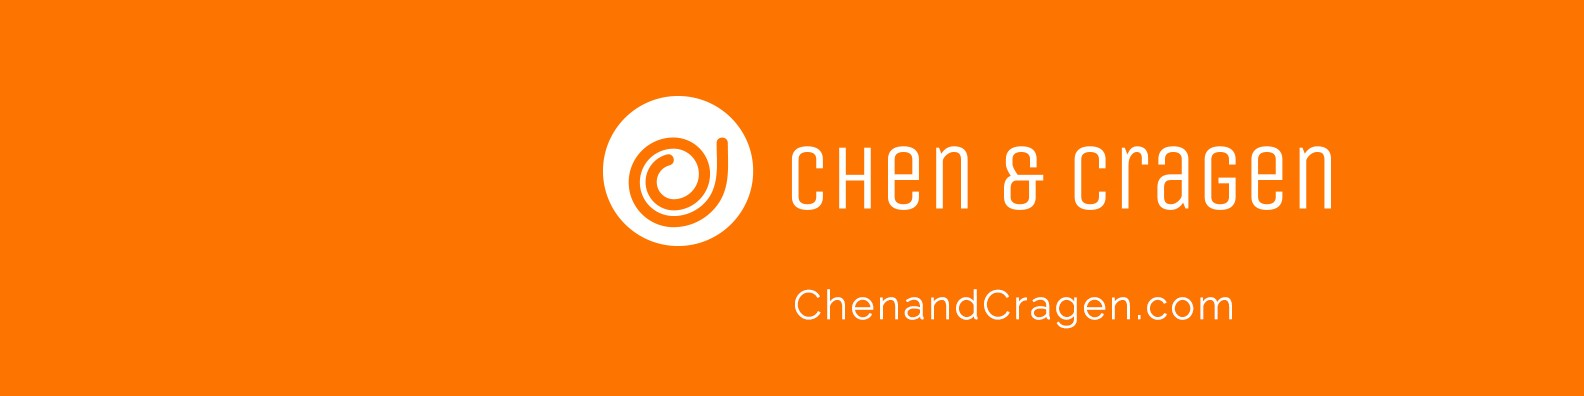 Chen & Cragen | LinkedIn